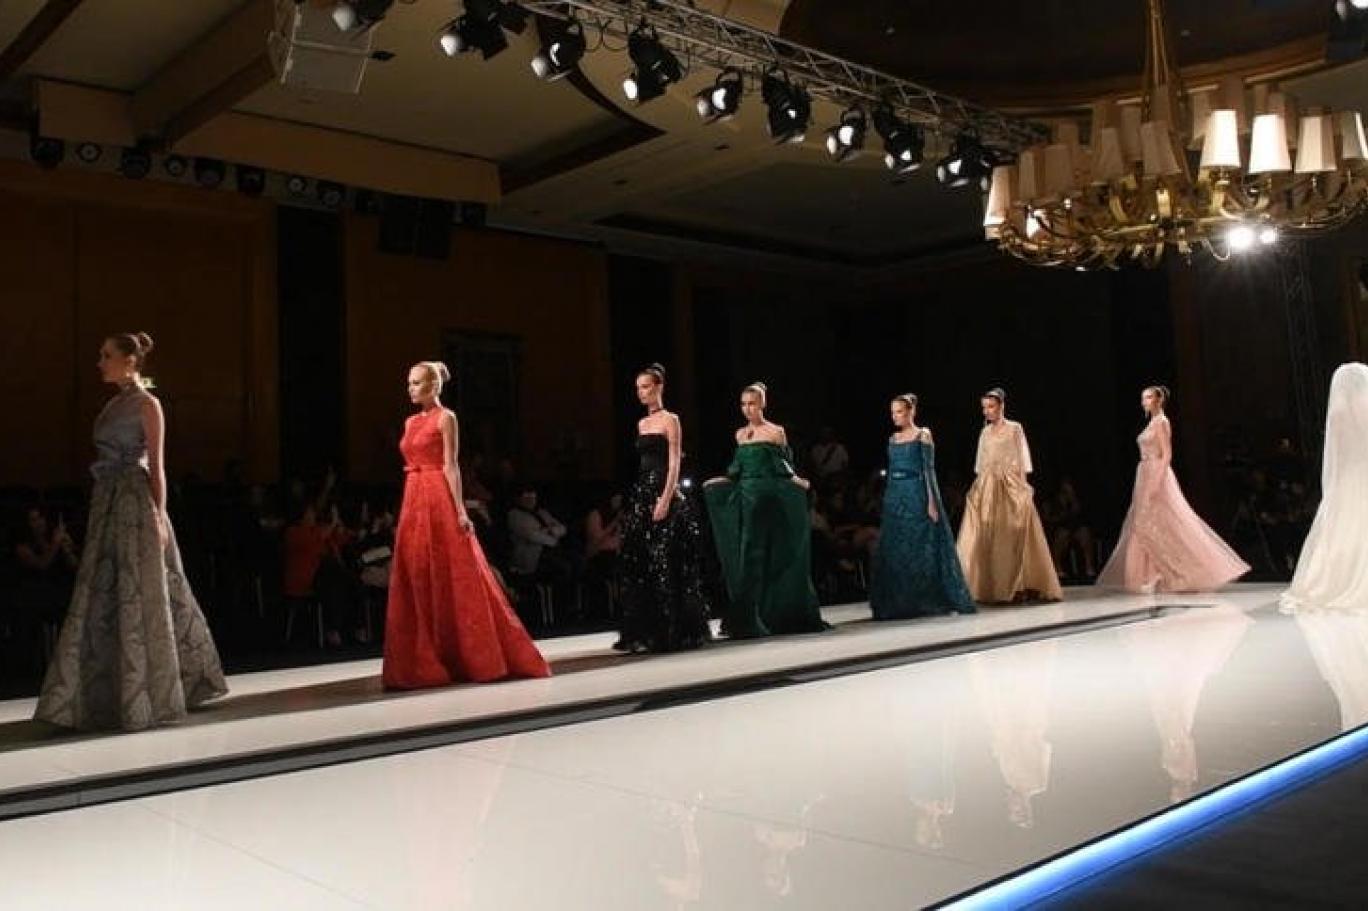 جانب من عرض أزياء للمصممة أمينة الجاسم (اندبندنت عربية).jpg